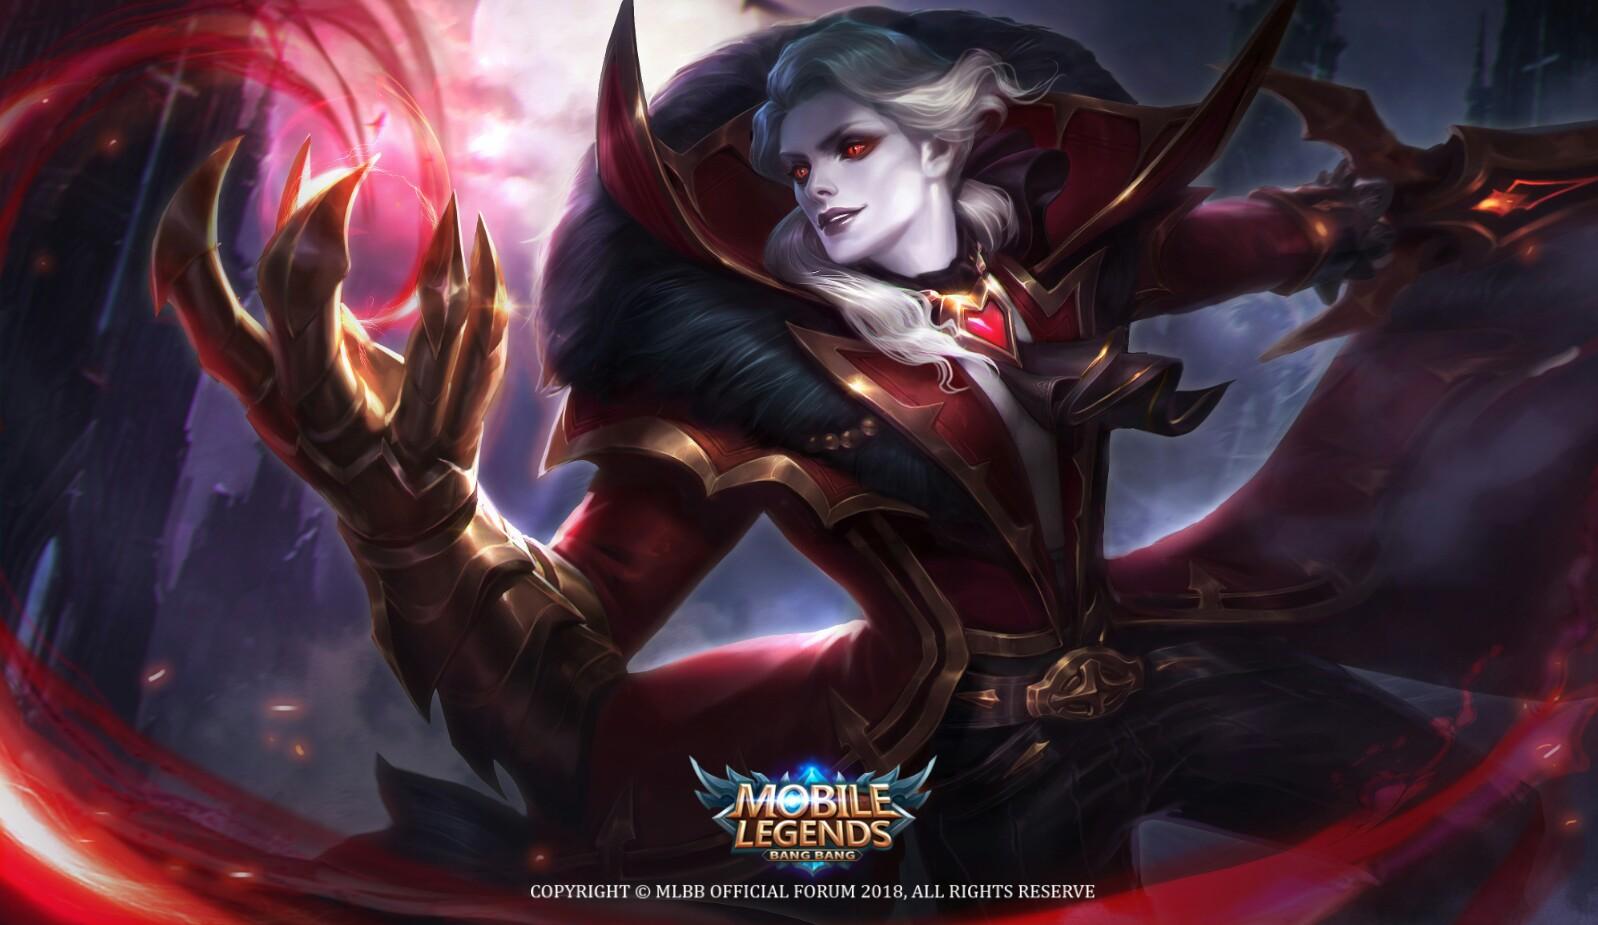 Mobile Legends Alucard Epic Skin Google Search Mobile Legend